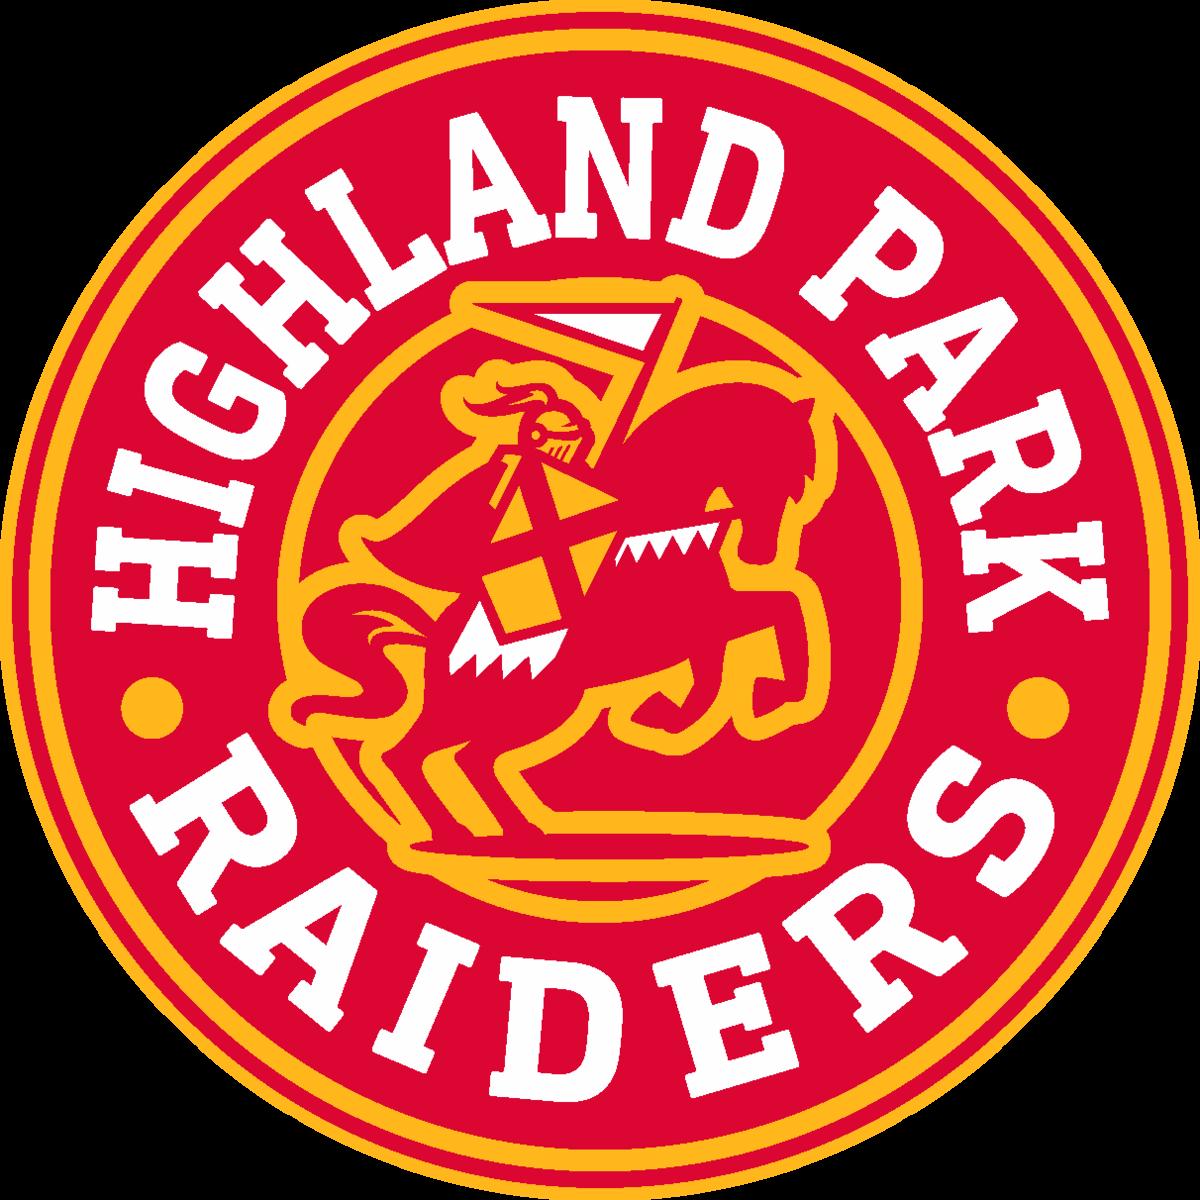 HPMS Raider logo